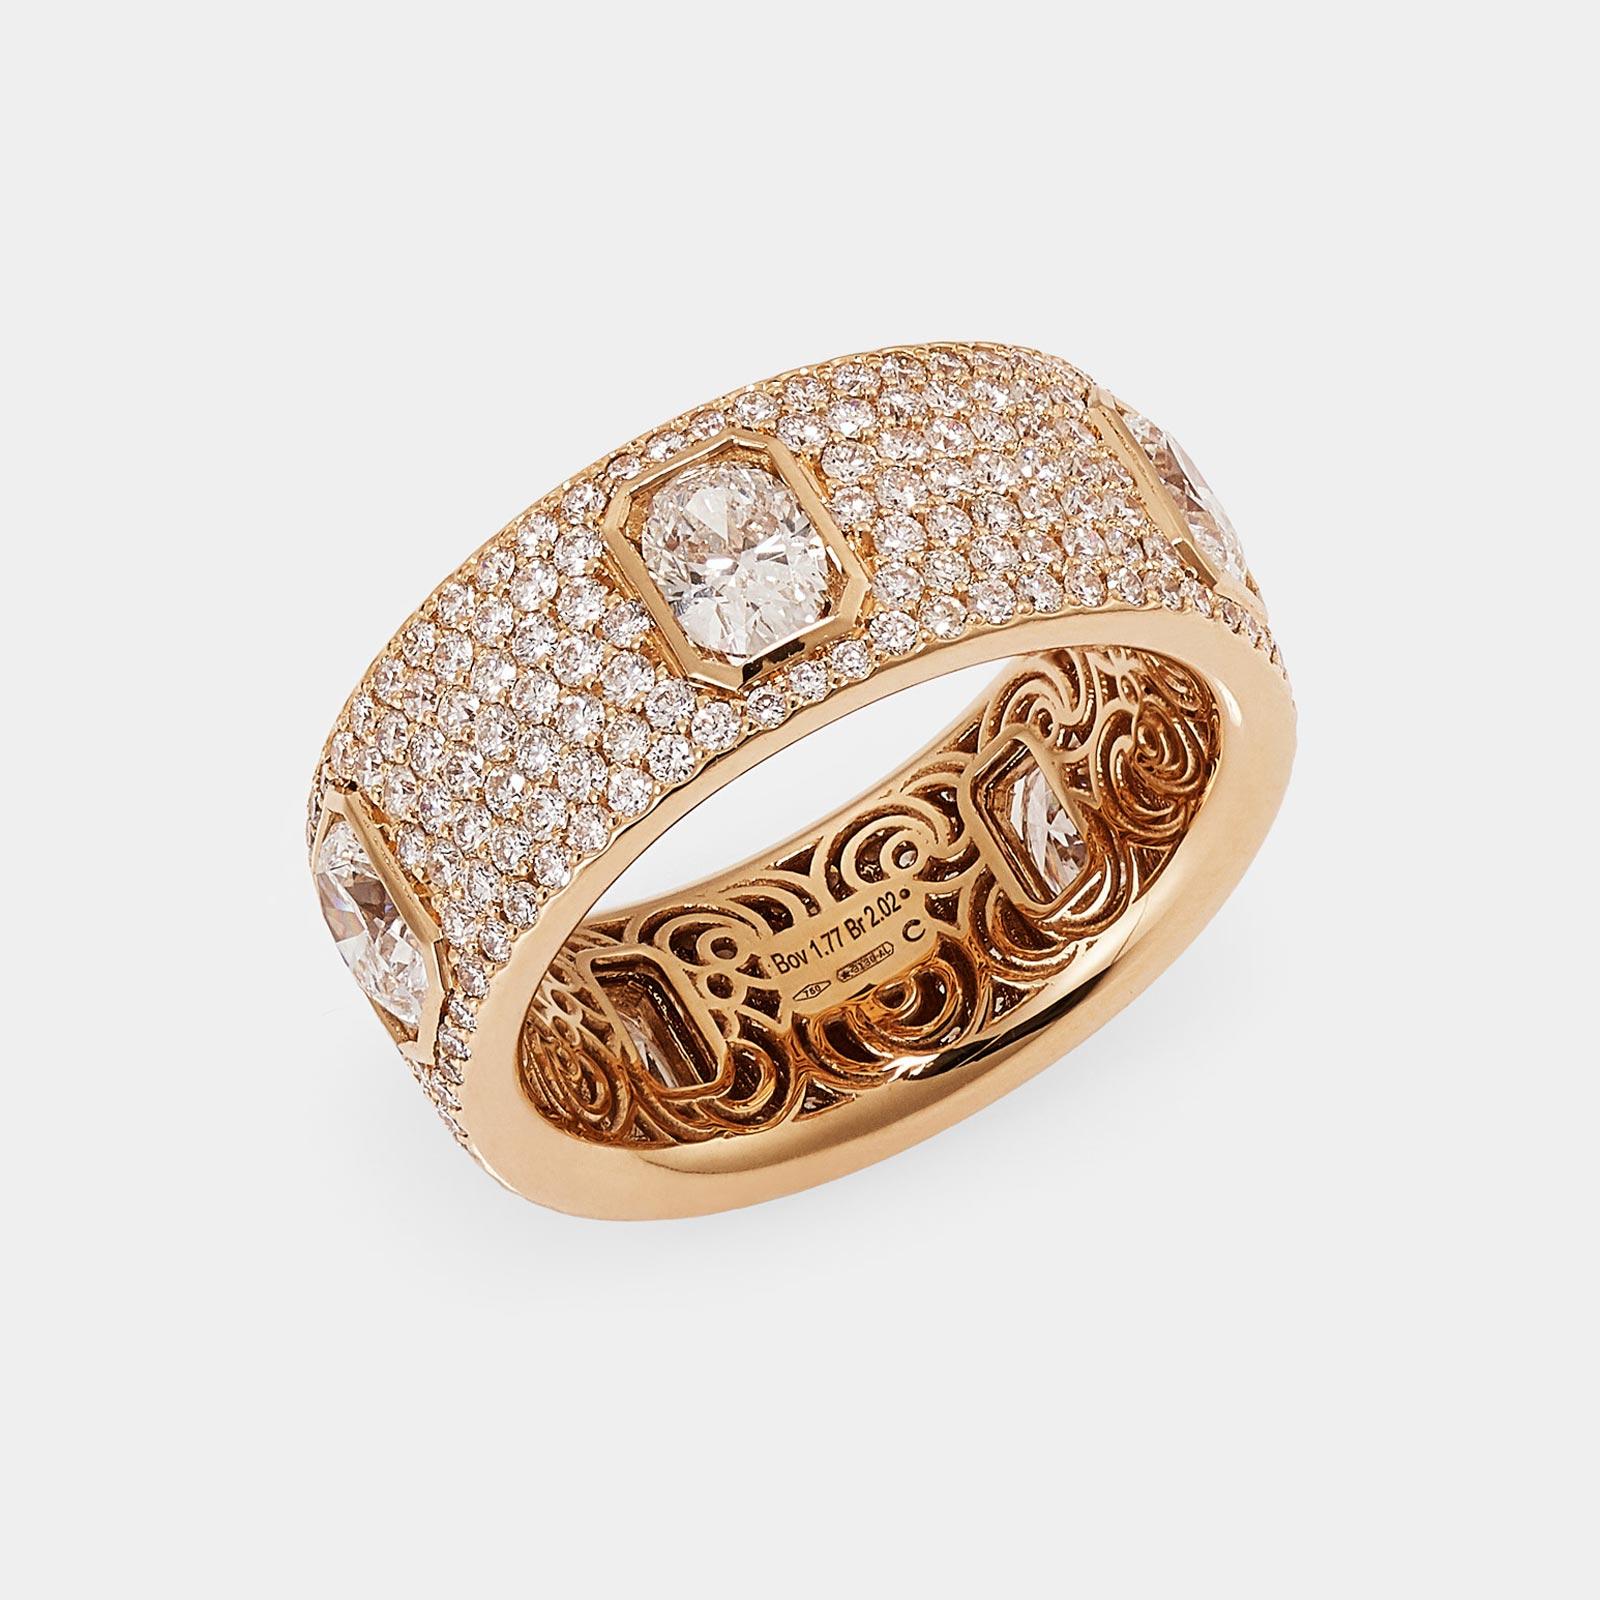 Crivelli - Anello in oro rosa e diamanti - Rosanna Cattolico gioielli